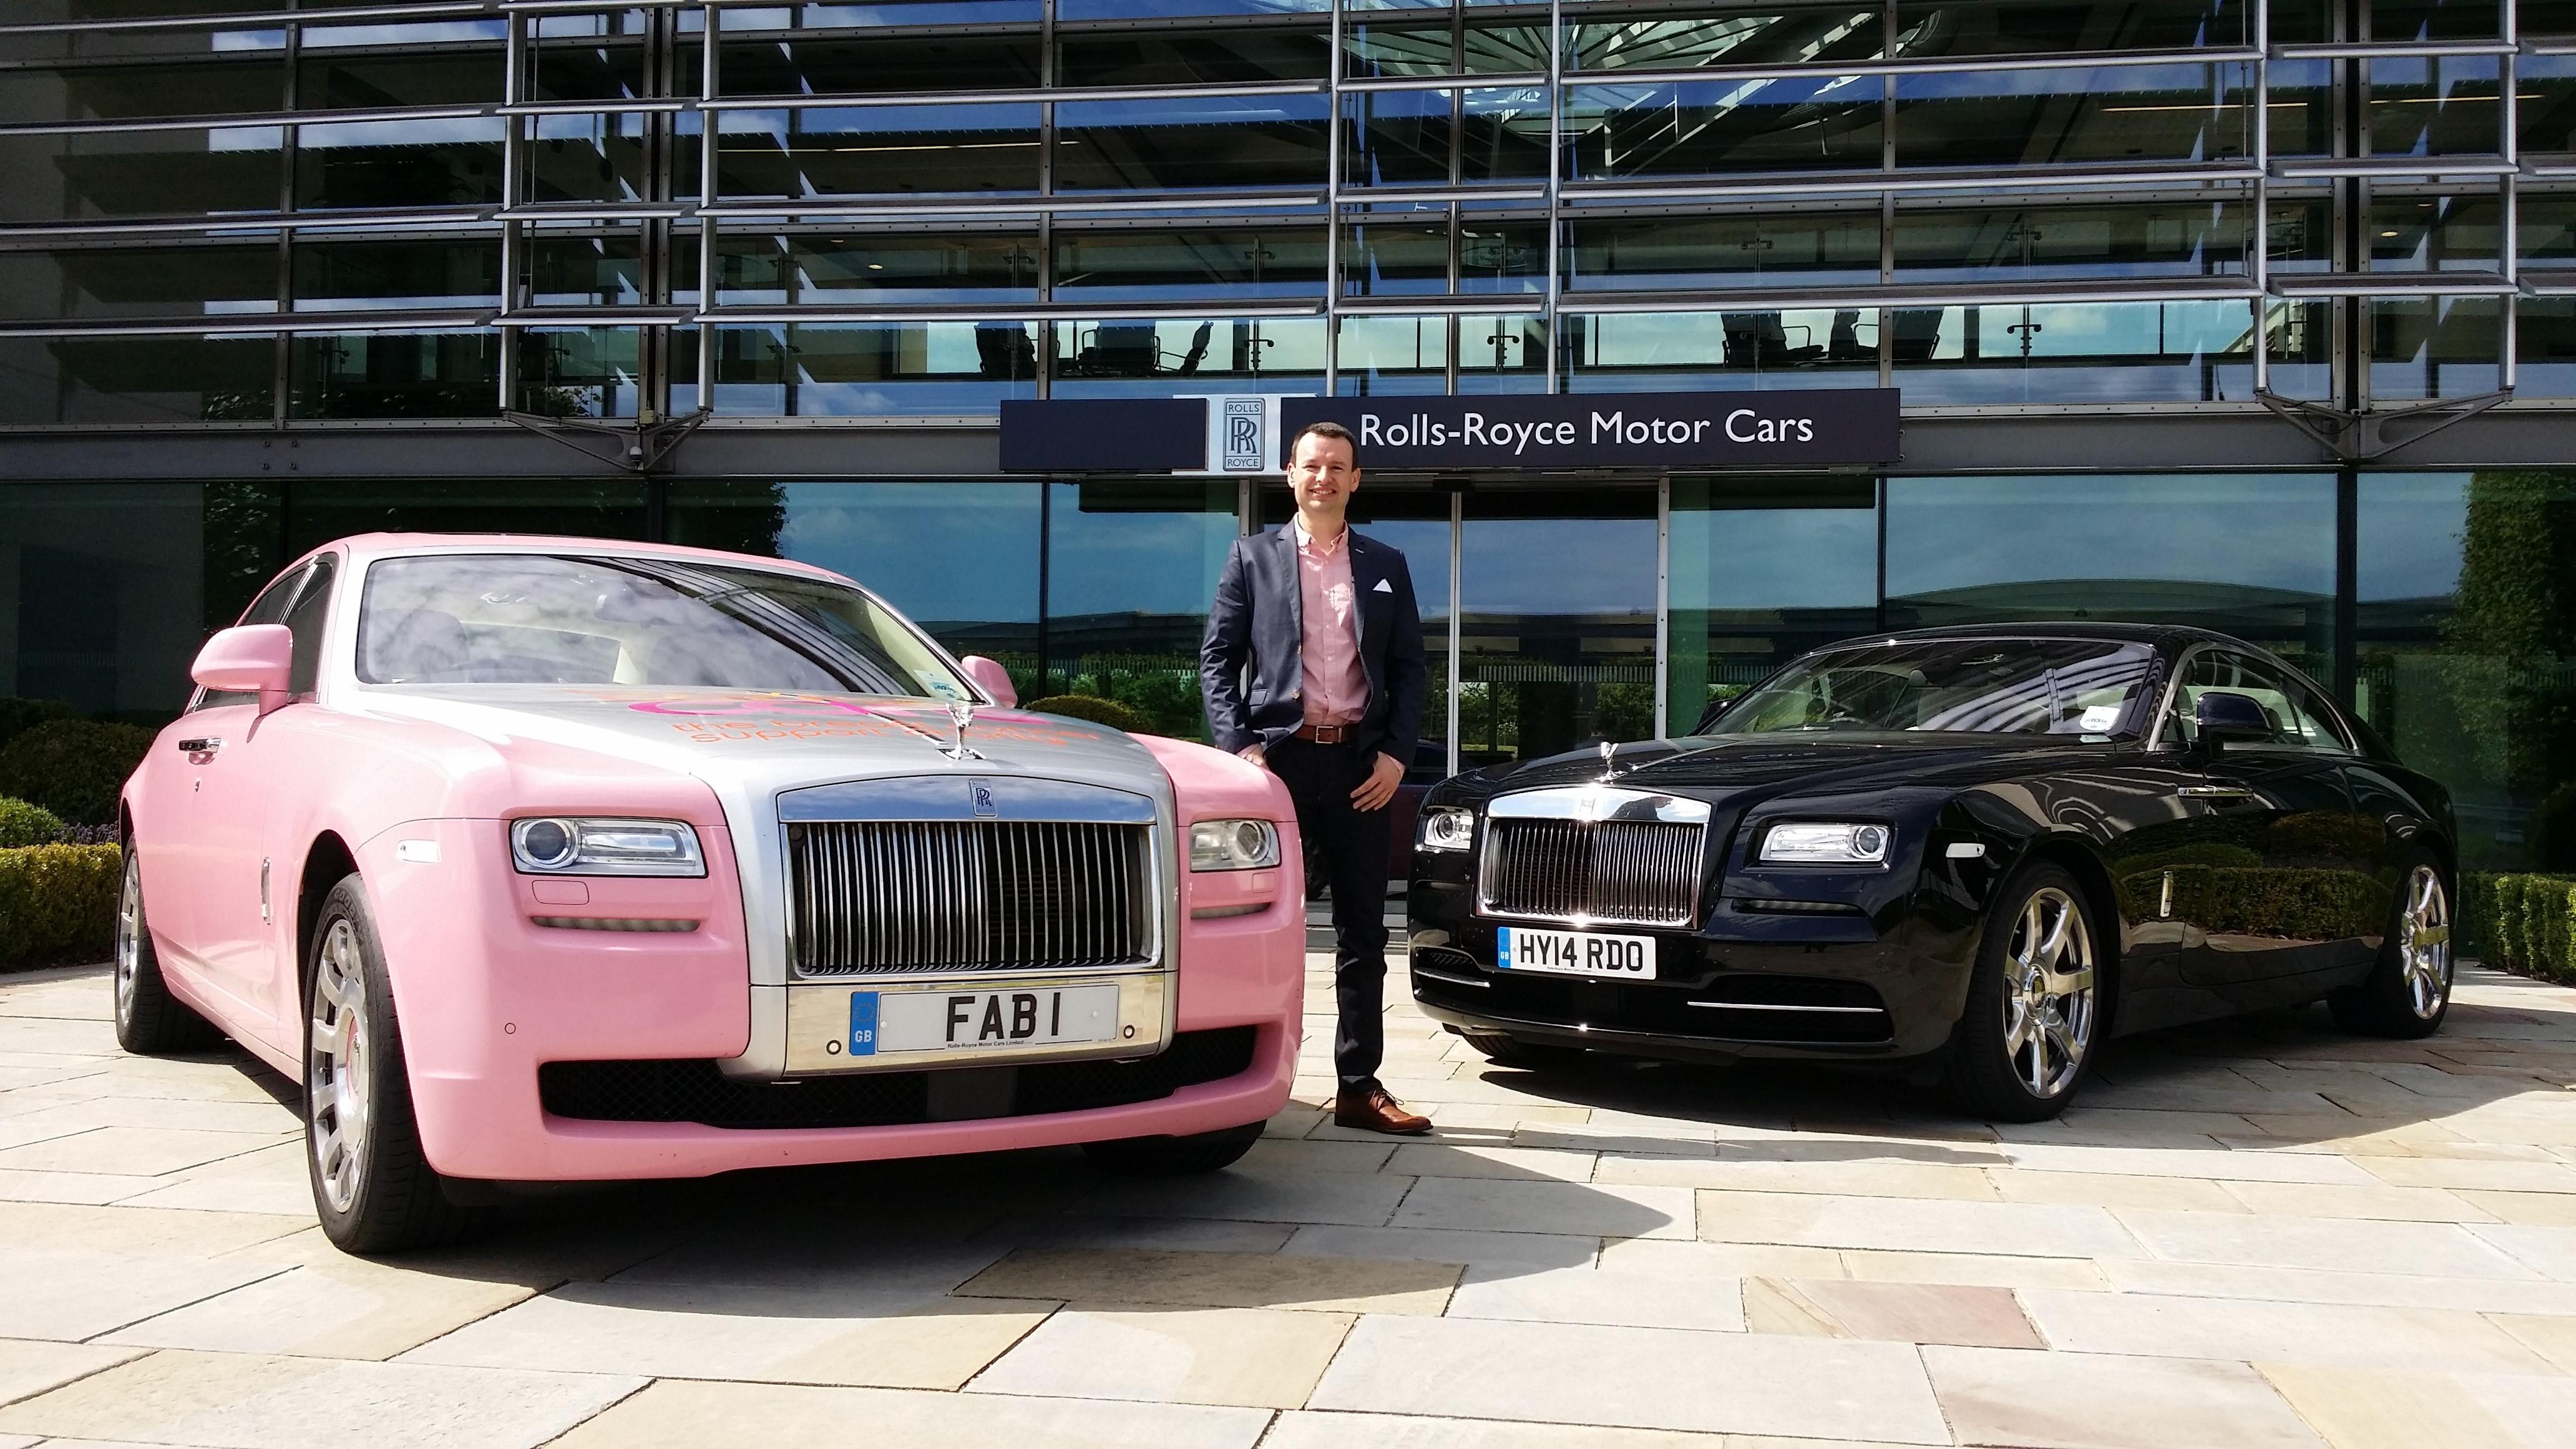 Rolls-Royce Ghost FAB 1 có ngoại thất màu hồng được trang trí với dải băng Chăm sóc ung thư vú, bên trong trang trí màu hồng và màu kem, ô màu hồng được lưu trữ trong chắn bùn và biển số 1 FAB huyền thoại.